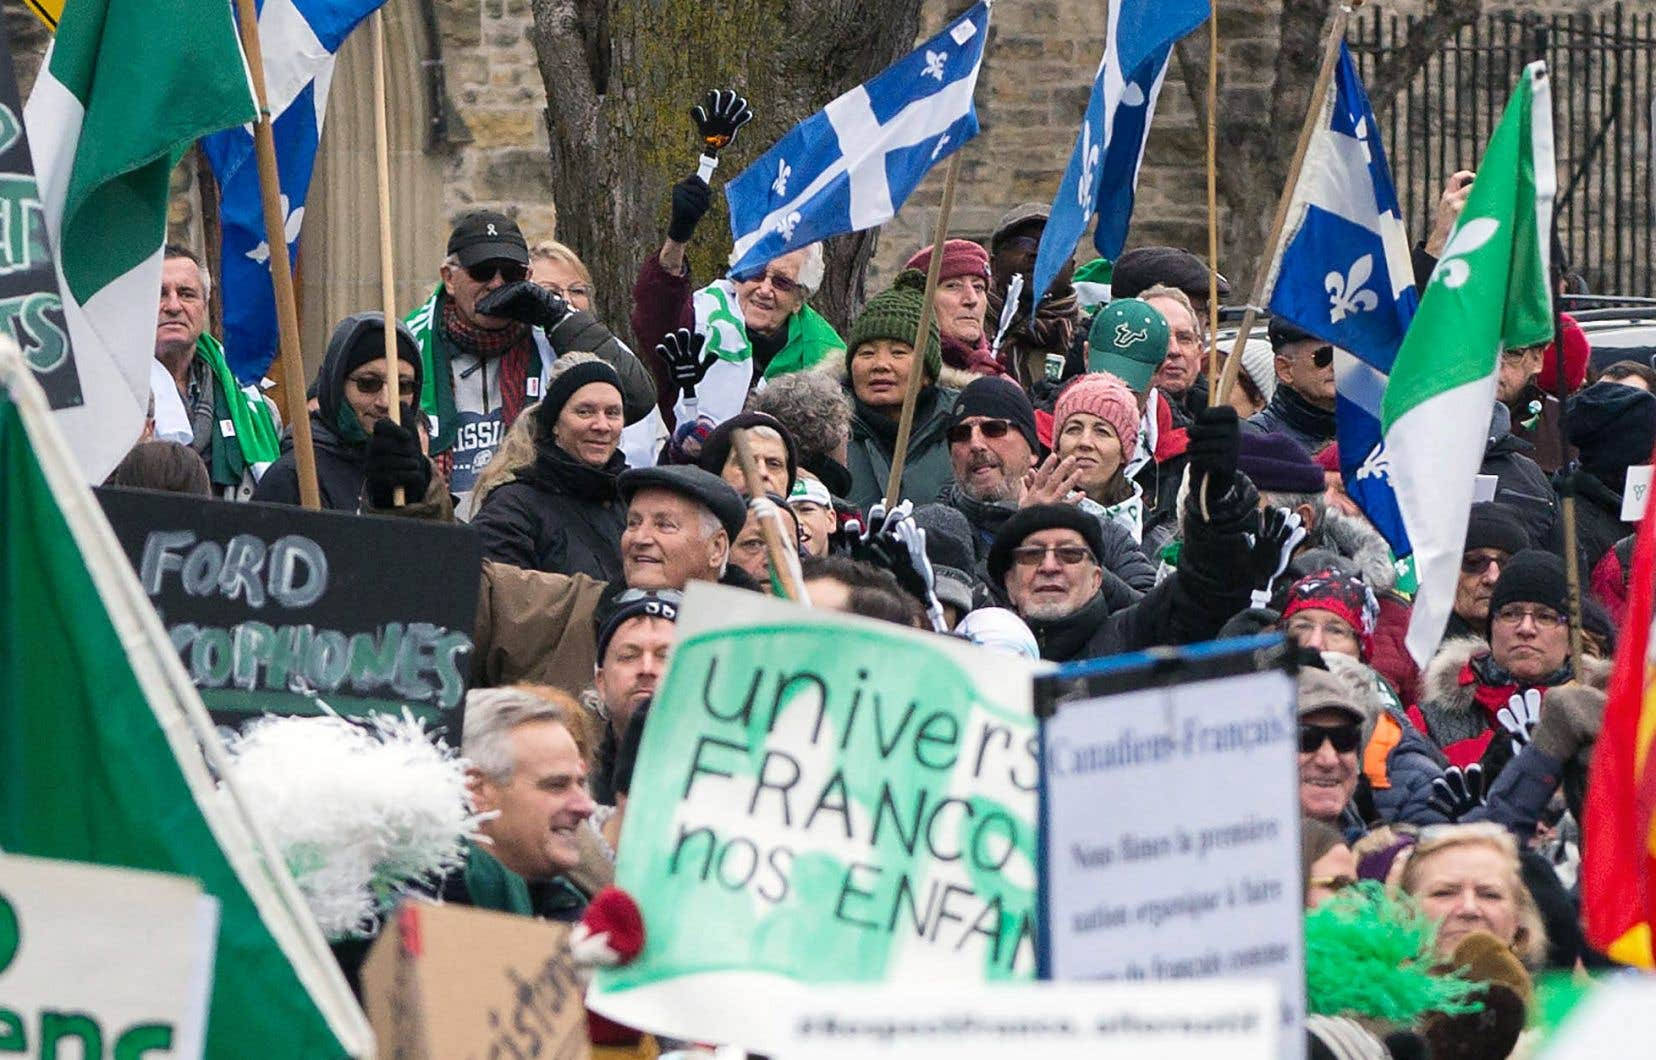 Le combat franco-ontarien contre les politiques du gouvernement Ford n'est-il pas l'occasion pour le Québec d'aller au-delà de simples messages de solidarité en assumant de manière plus tangible ce statut de foyer des francophonies en Amérique du Nord?